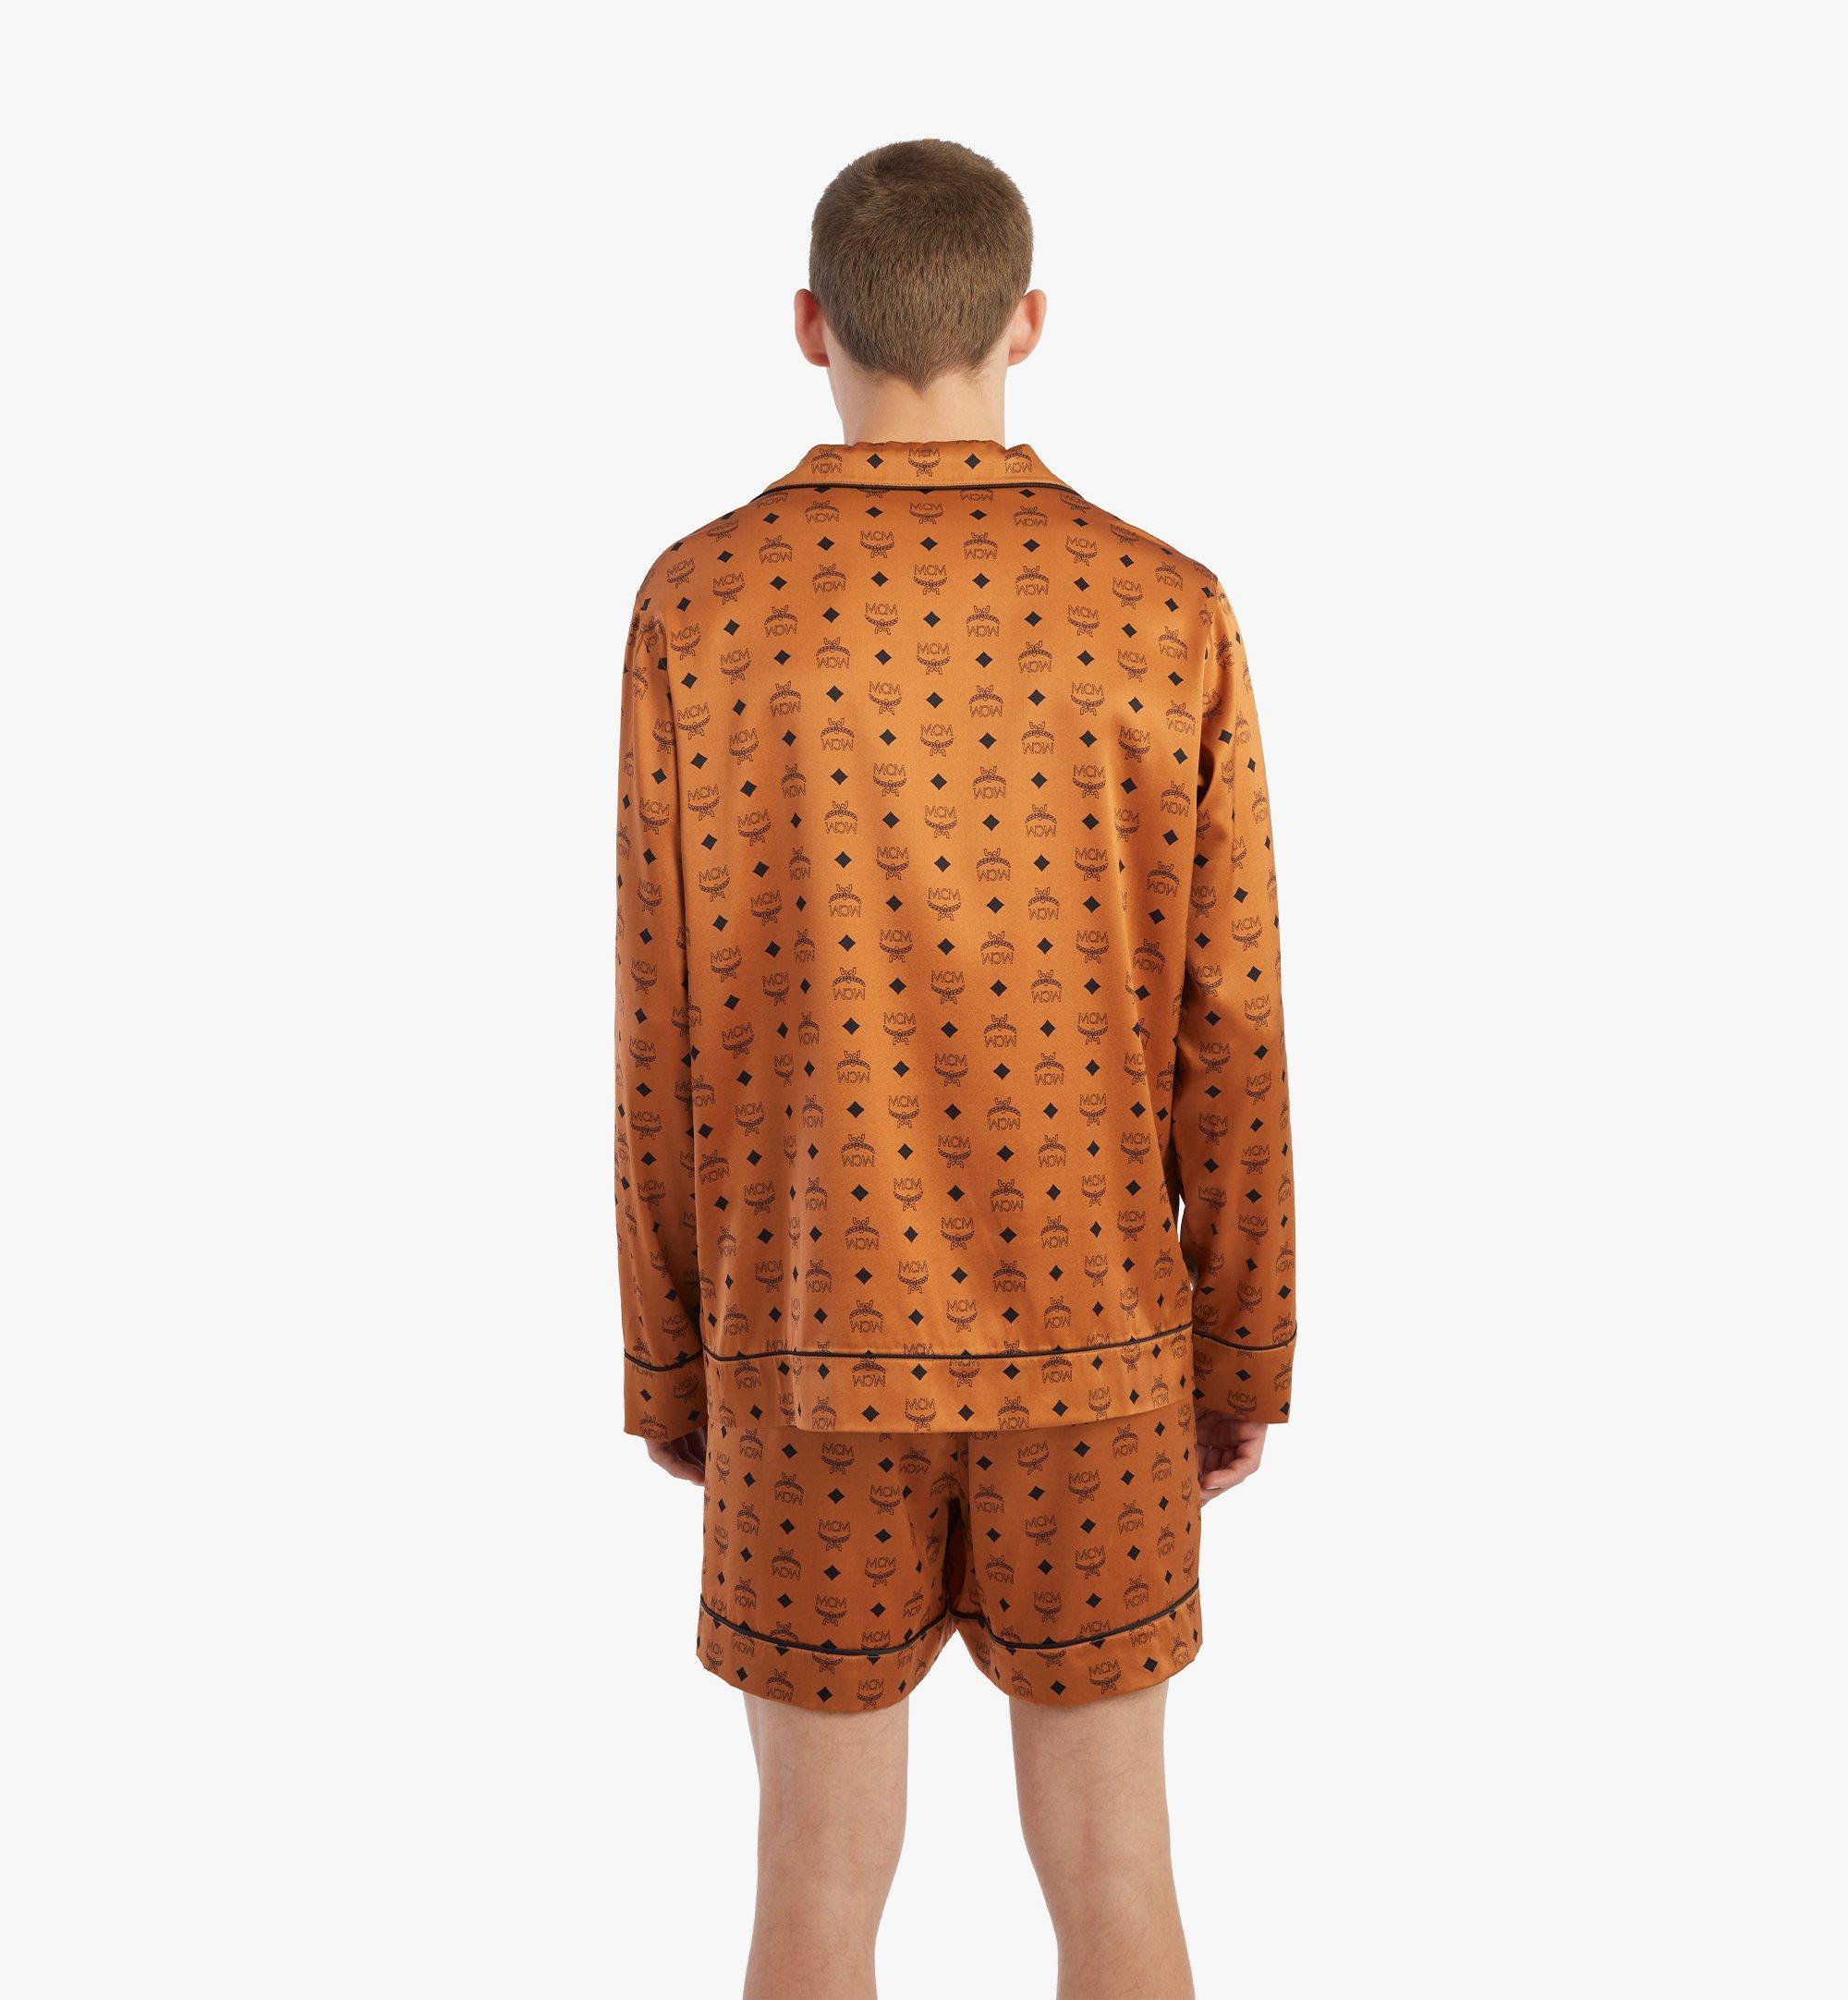 MCM Veste de pyjama classique en soie à imprimé logo Cognac MHXBSMM08CO00S Plus de photos 3